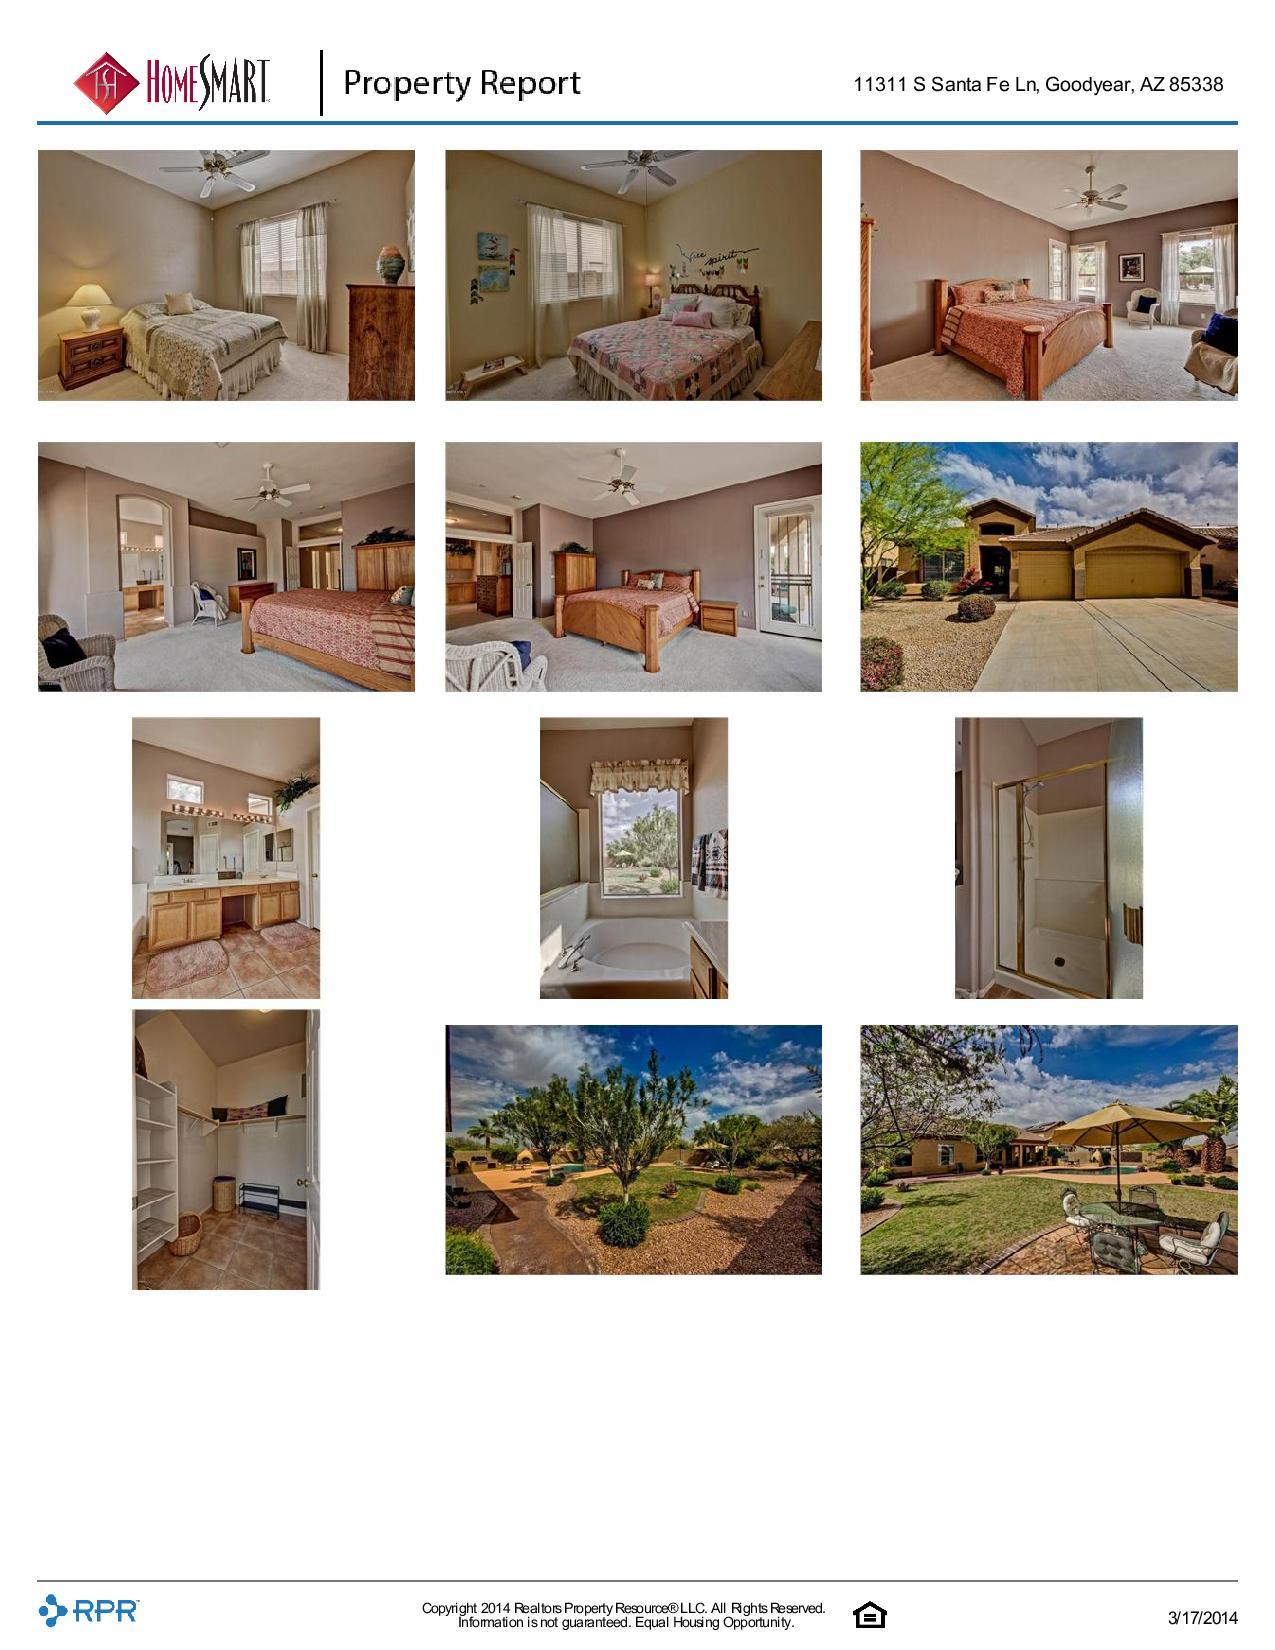 11311-S-Santa-Fe-Ln-Goodyear-AZ-85338-page-006